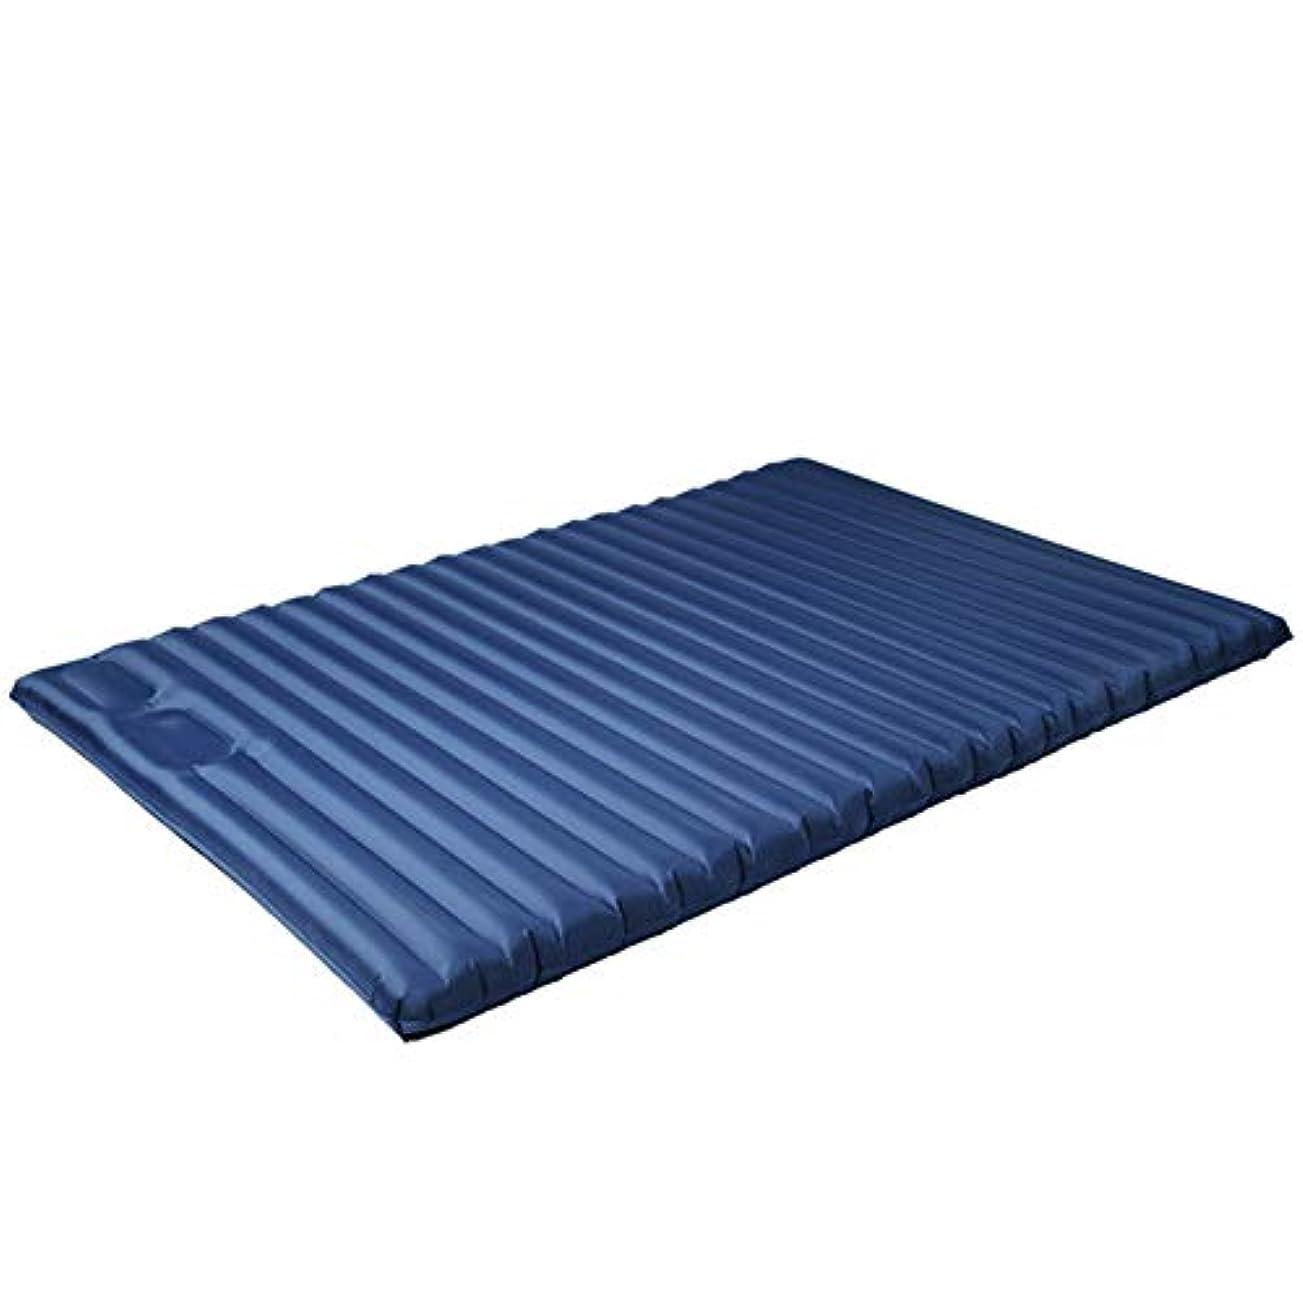 正しく多用途チキンインフレータブルスリーピングパッド、スリーピングキャンプマット-キャンプマット、テントハンモック屋外パッドとして最適な快適なバックパッキングマットレス